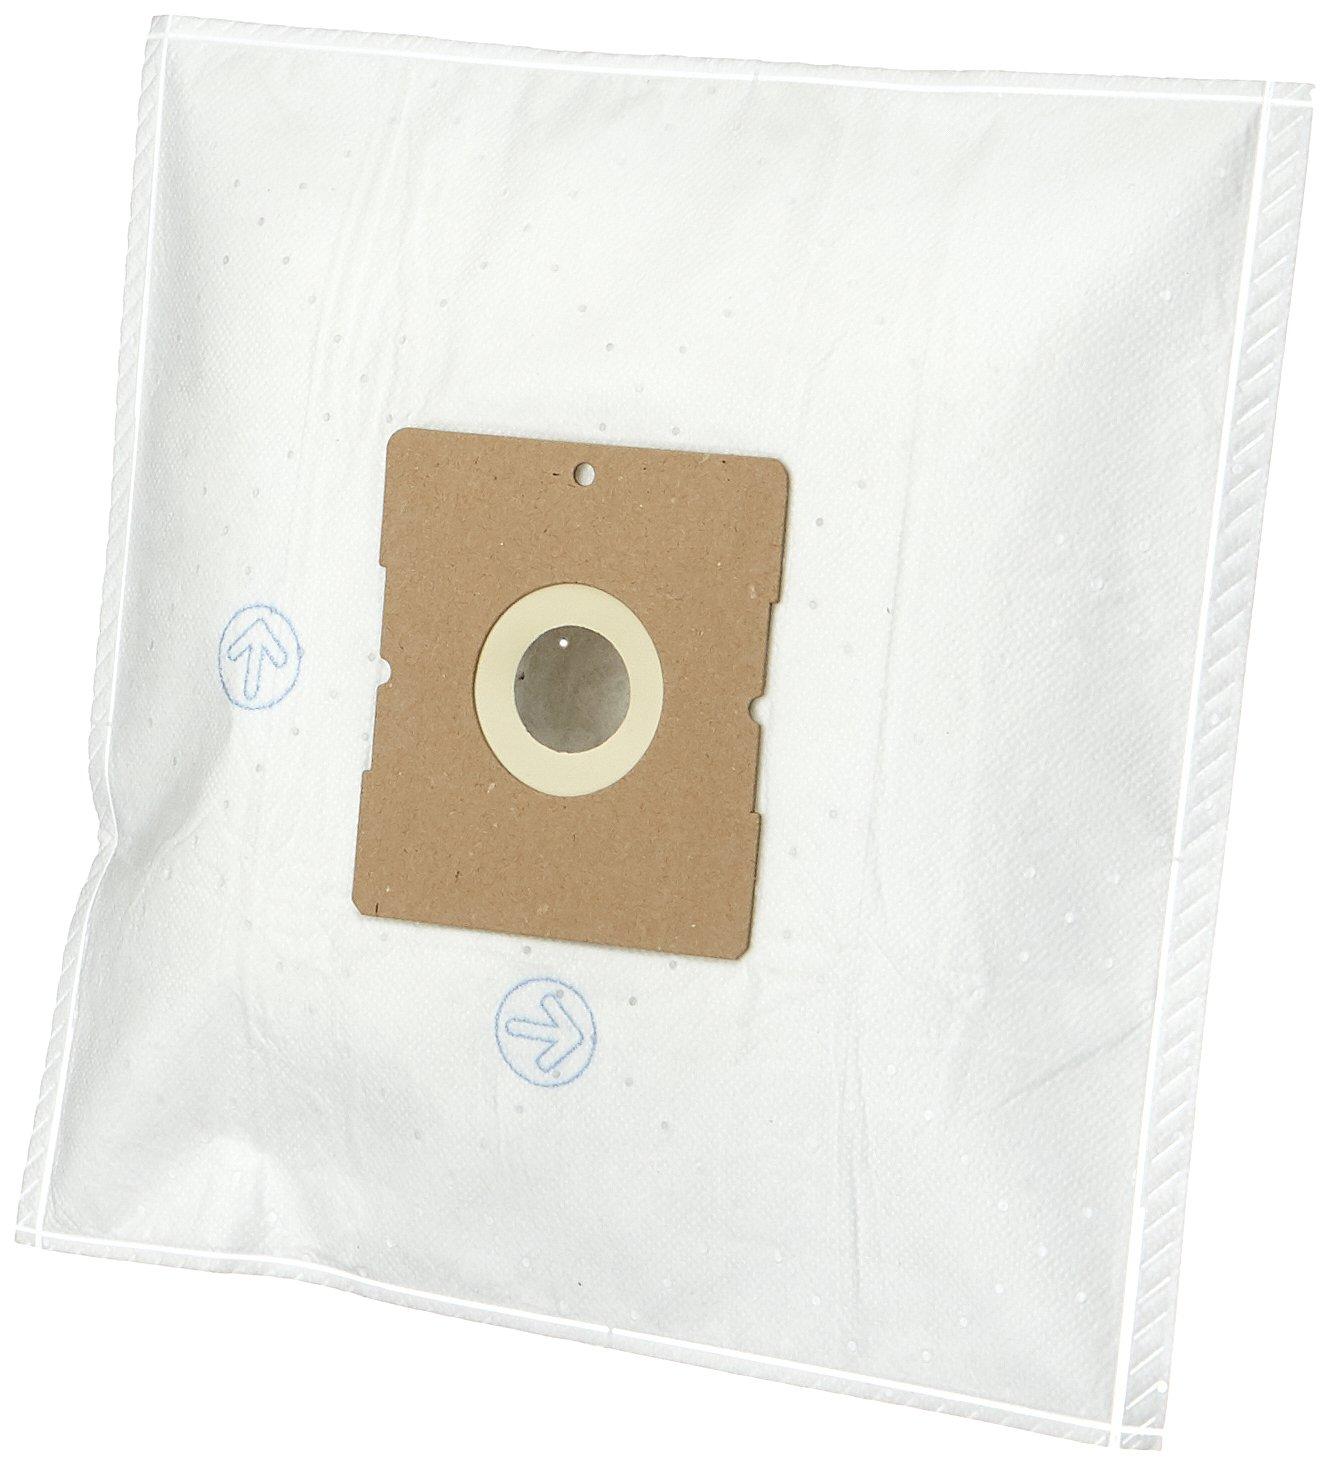 Acquisto AmazonBasics – Sacchetti per aspirapolvere, tipo: W11, con controllo degli odori, confezione da 4 Prezzo offerta